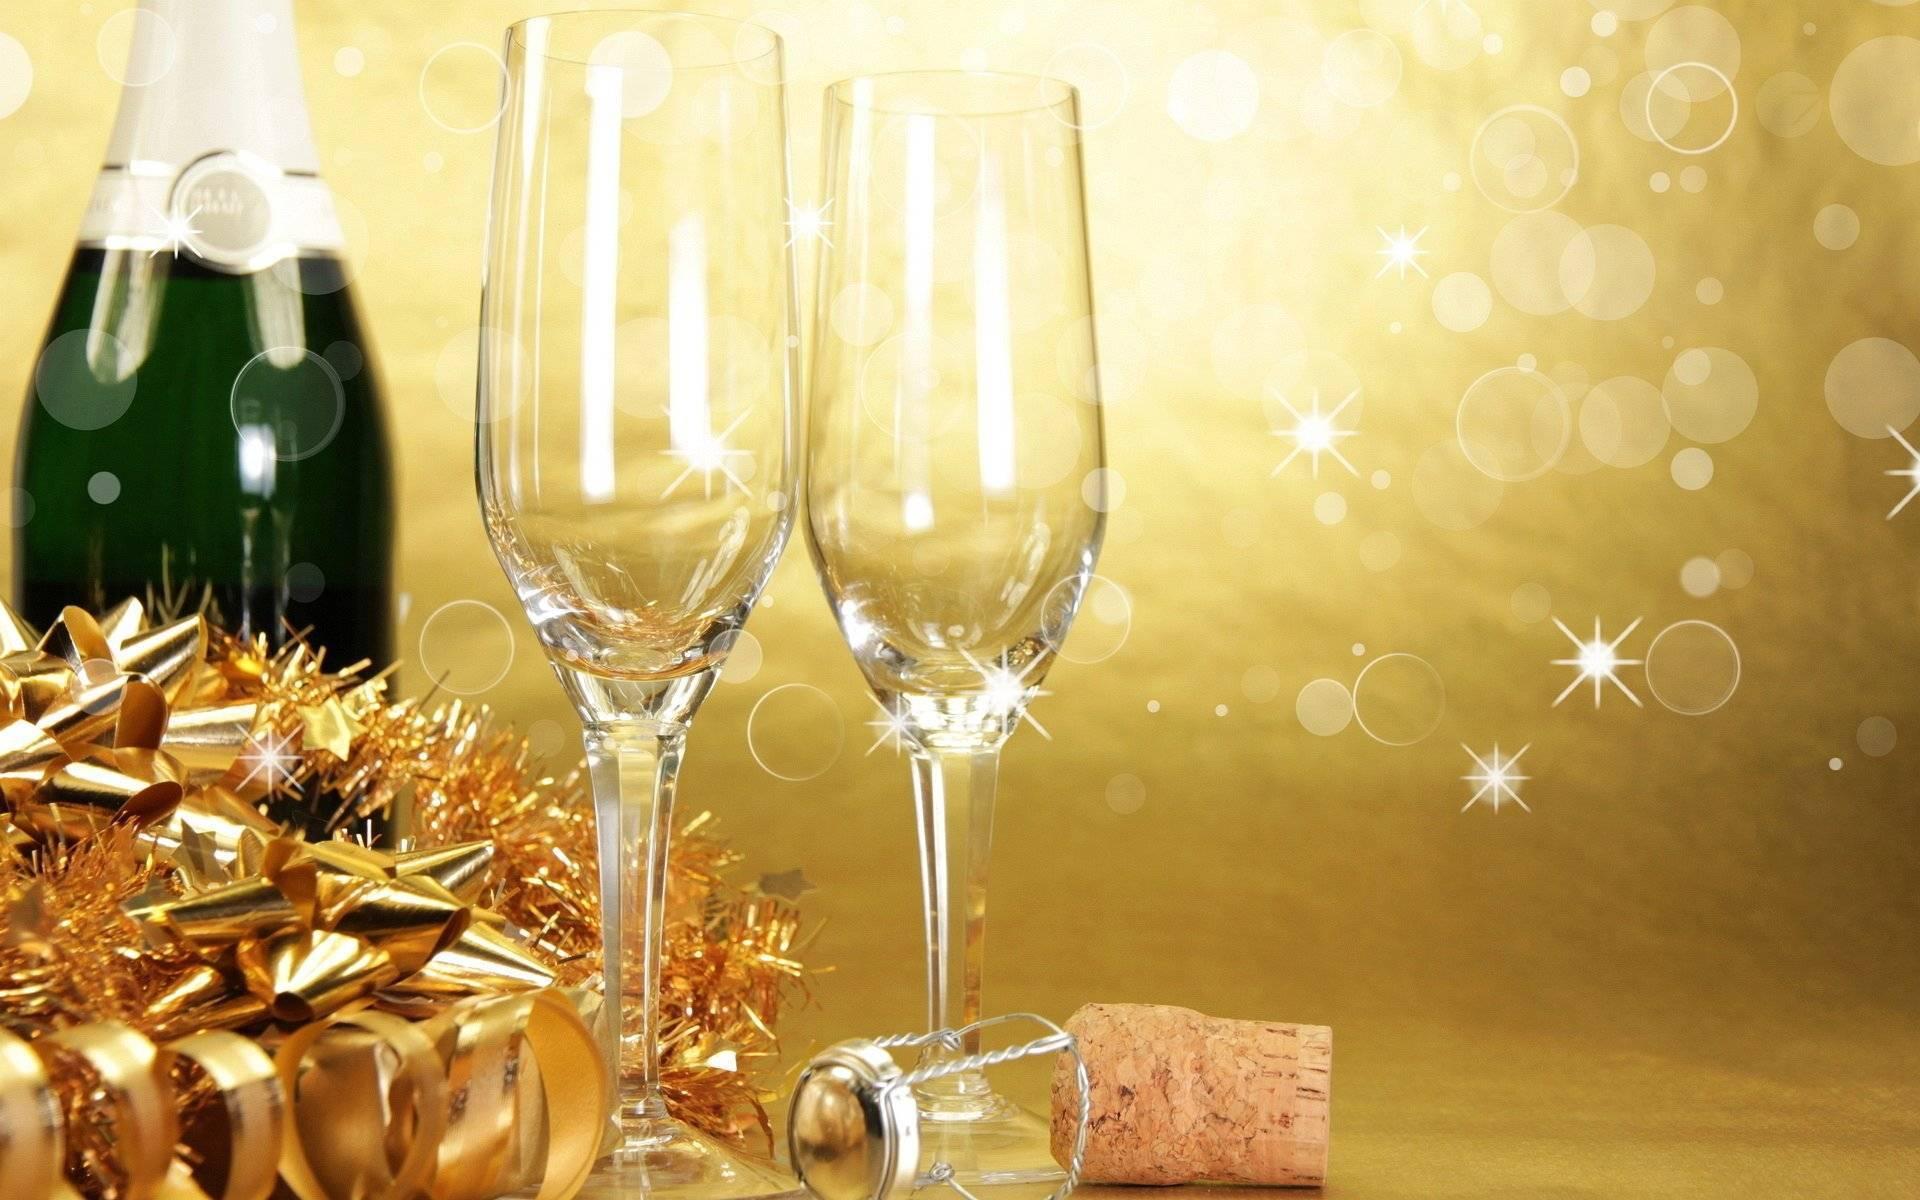 Не трогай, это на новый год: как выбрать алкоголь к застолью и пережить 1 января